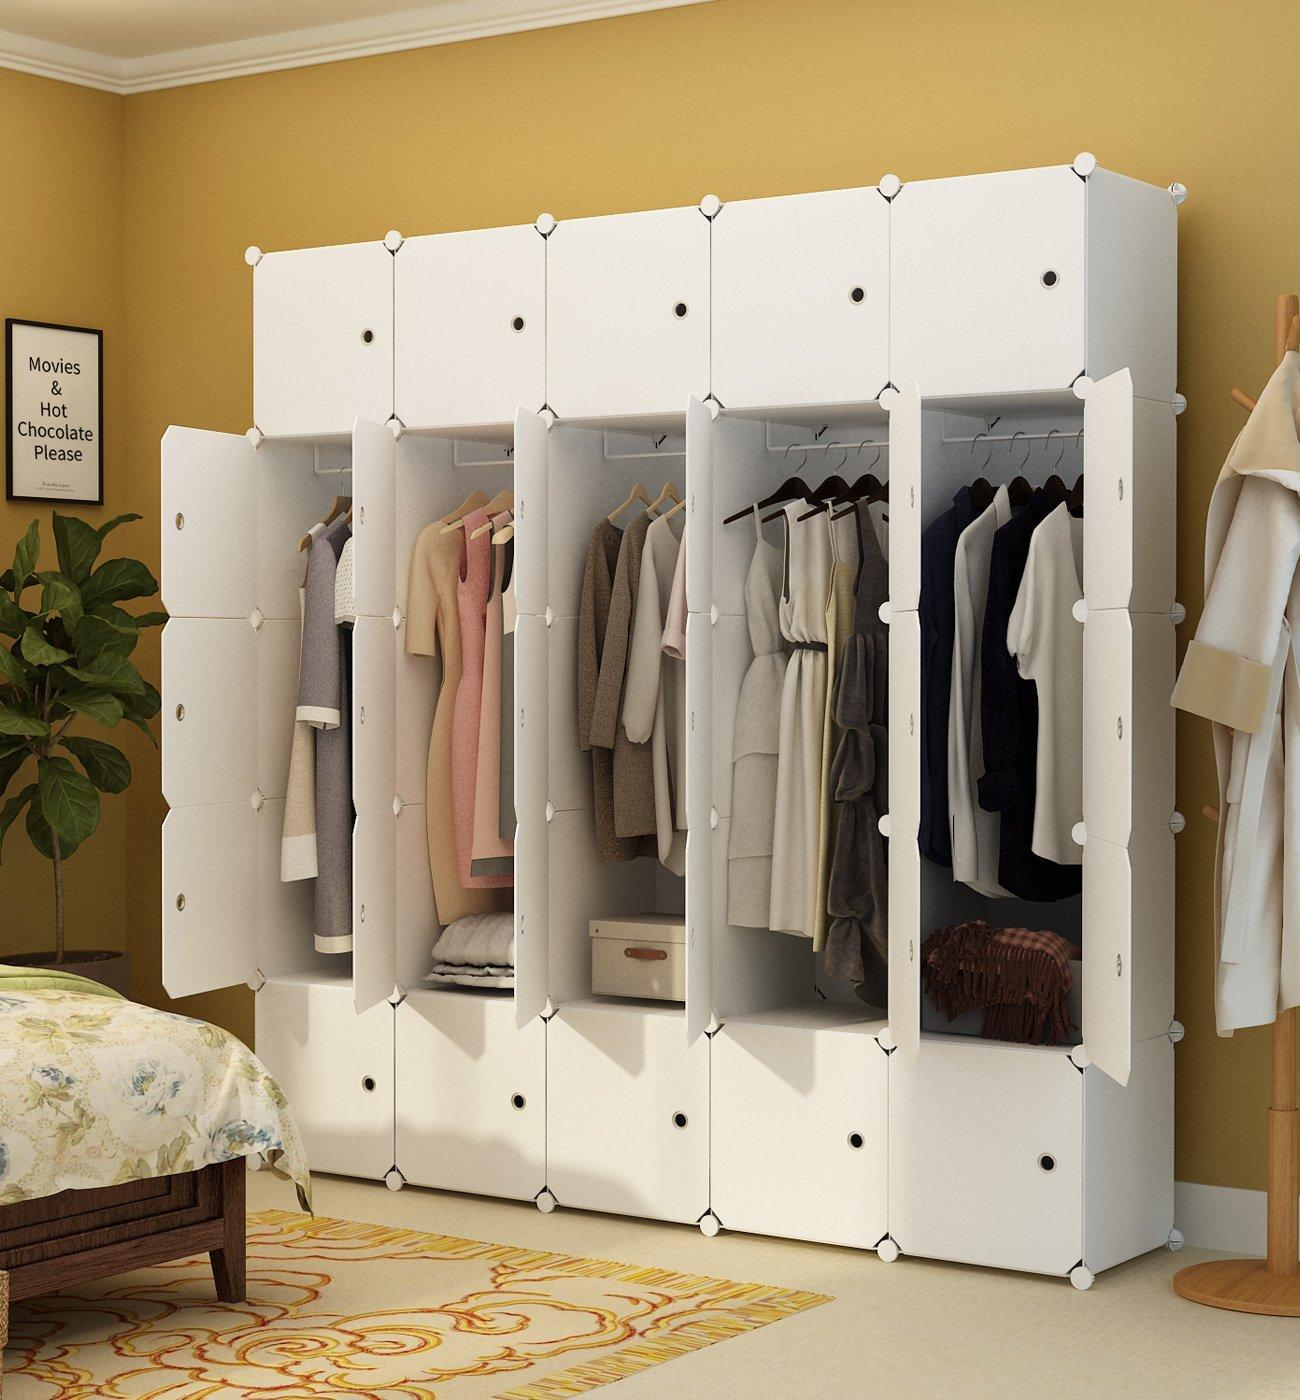 großhandel tragbarer kleiderschrank zum aufhängen von kleidung,  kombinationsschrank, modularer schrank zum platzsparen, weiß, 10 würfel + 5  hängeteile